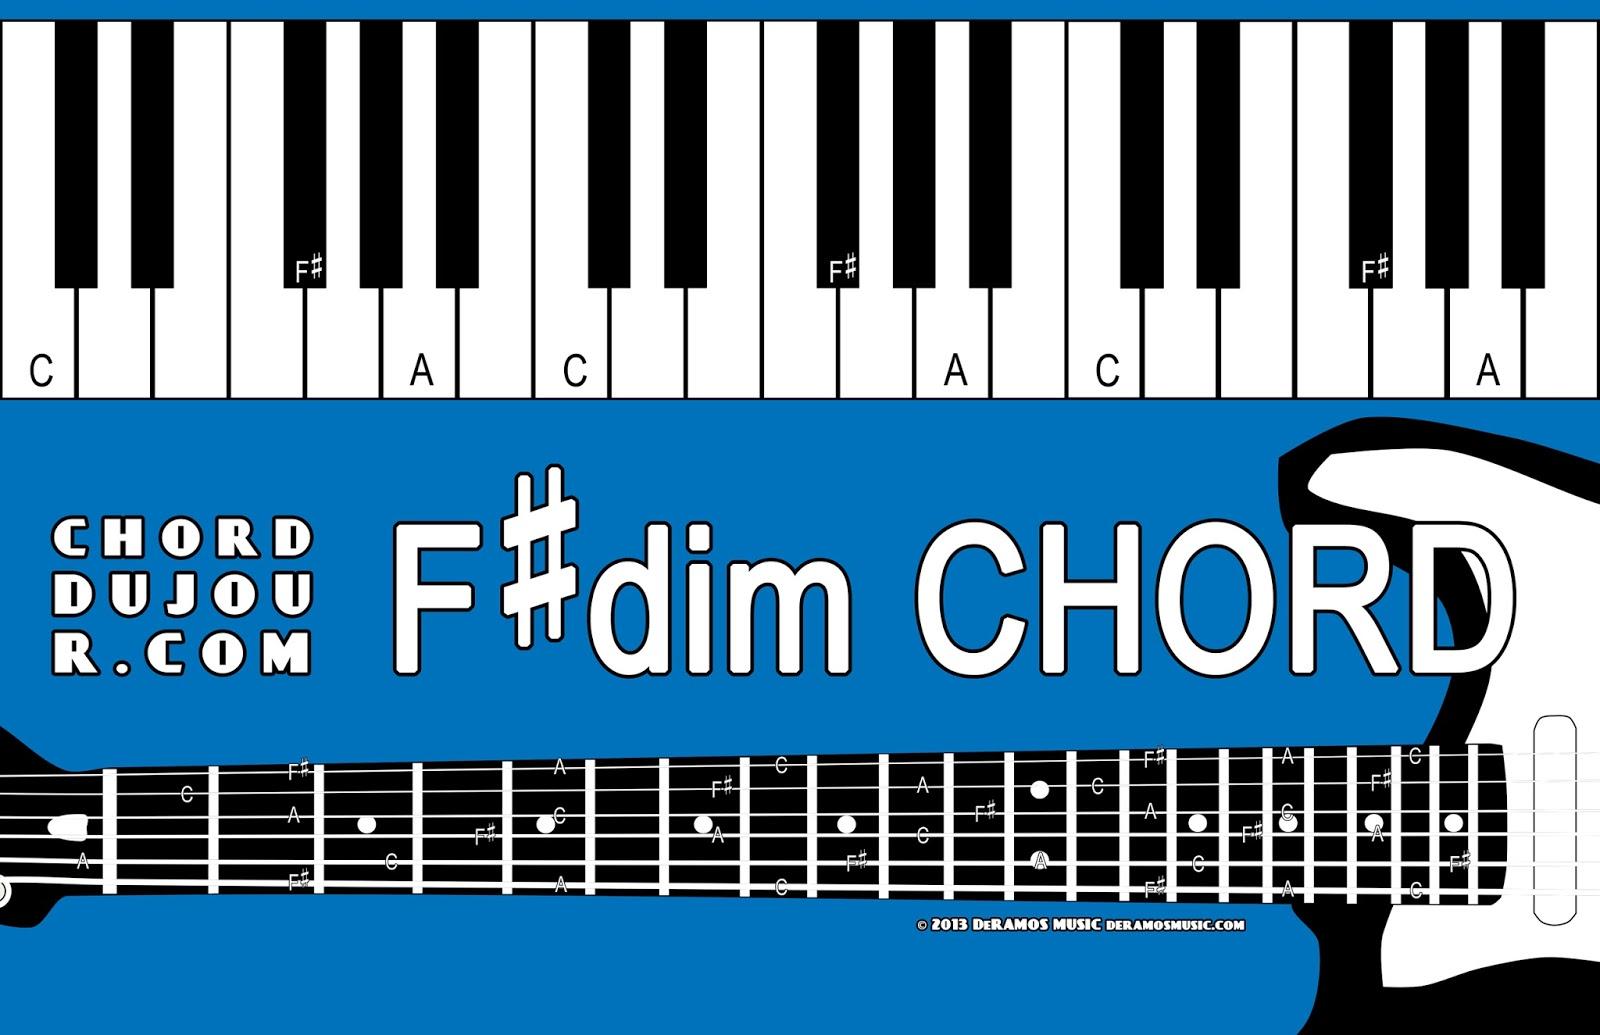 U5b50 U4f9b U5411 U3051 U306c U308a U3048   U7dba U9e97 U306afdim7 Chord Piano